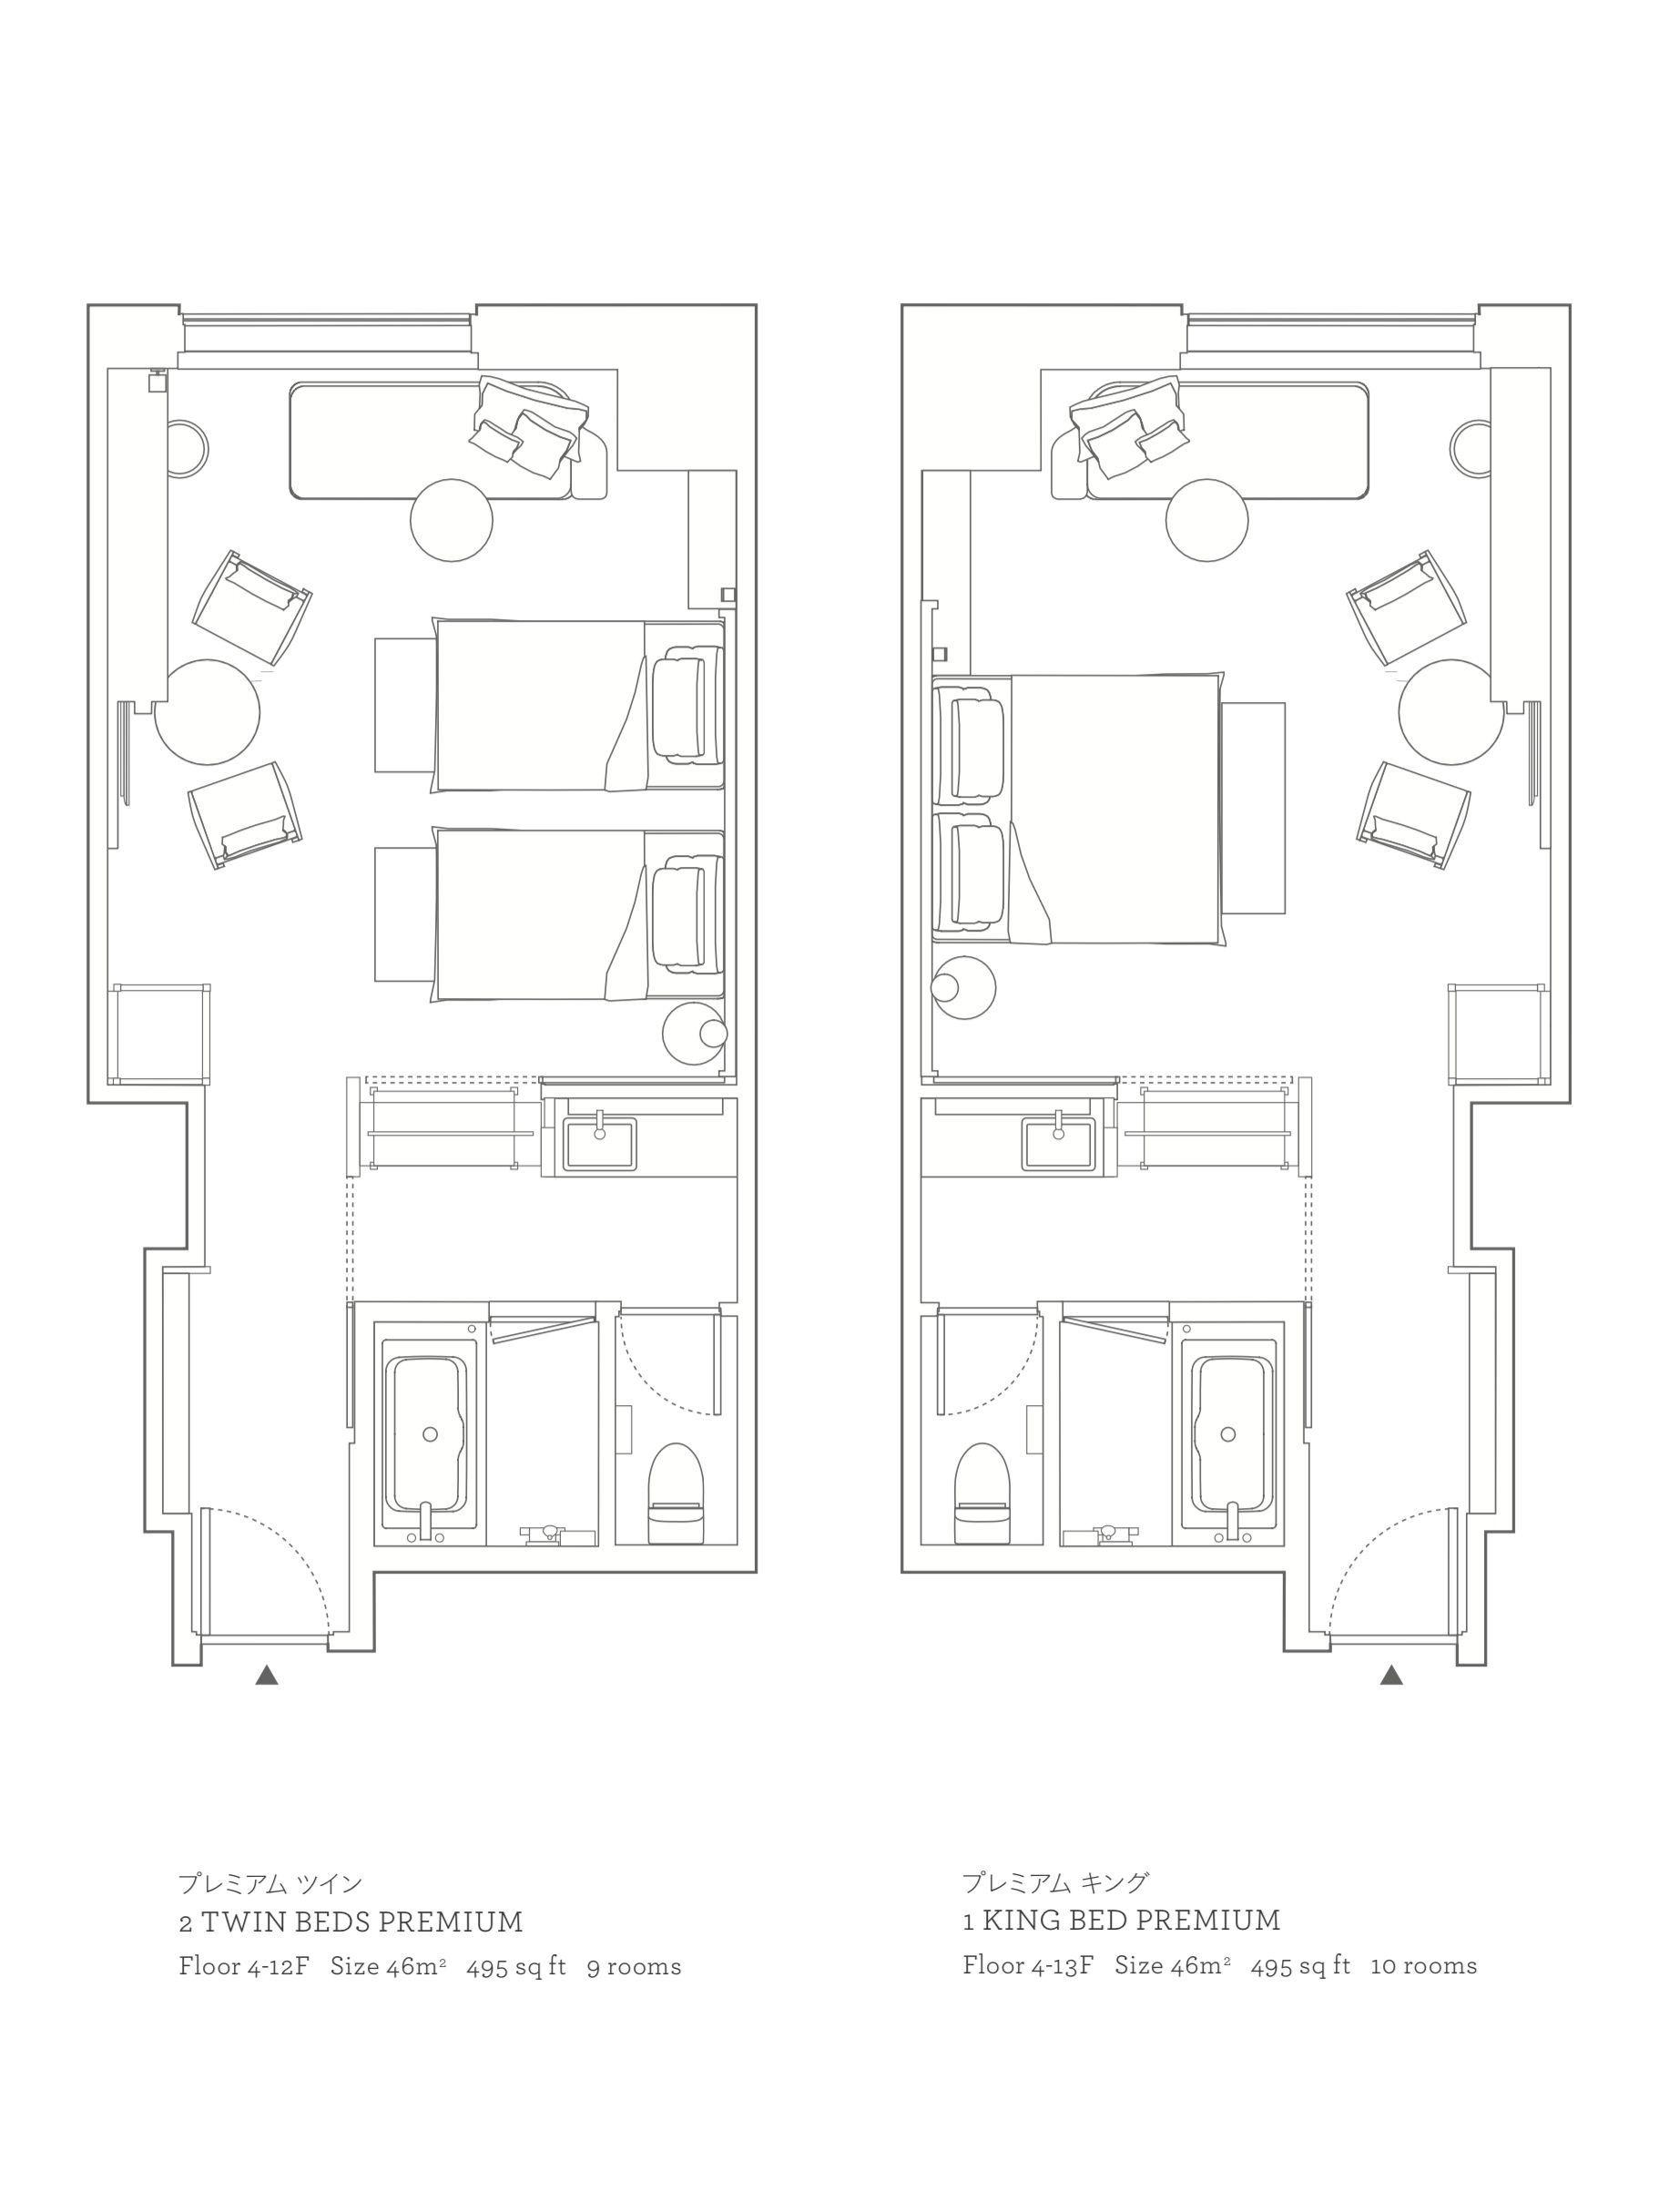 Hyatt Centric Kanazawa Premium Room Hotel Room Design Plan Hotel Room Design Hotel Room Plan 4x6 . room plan